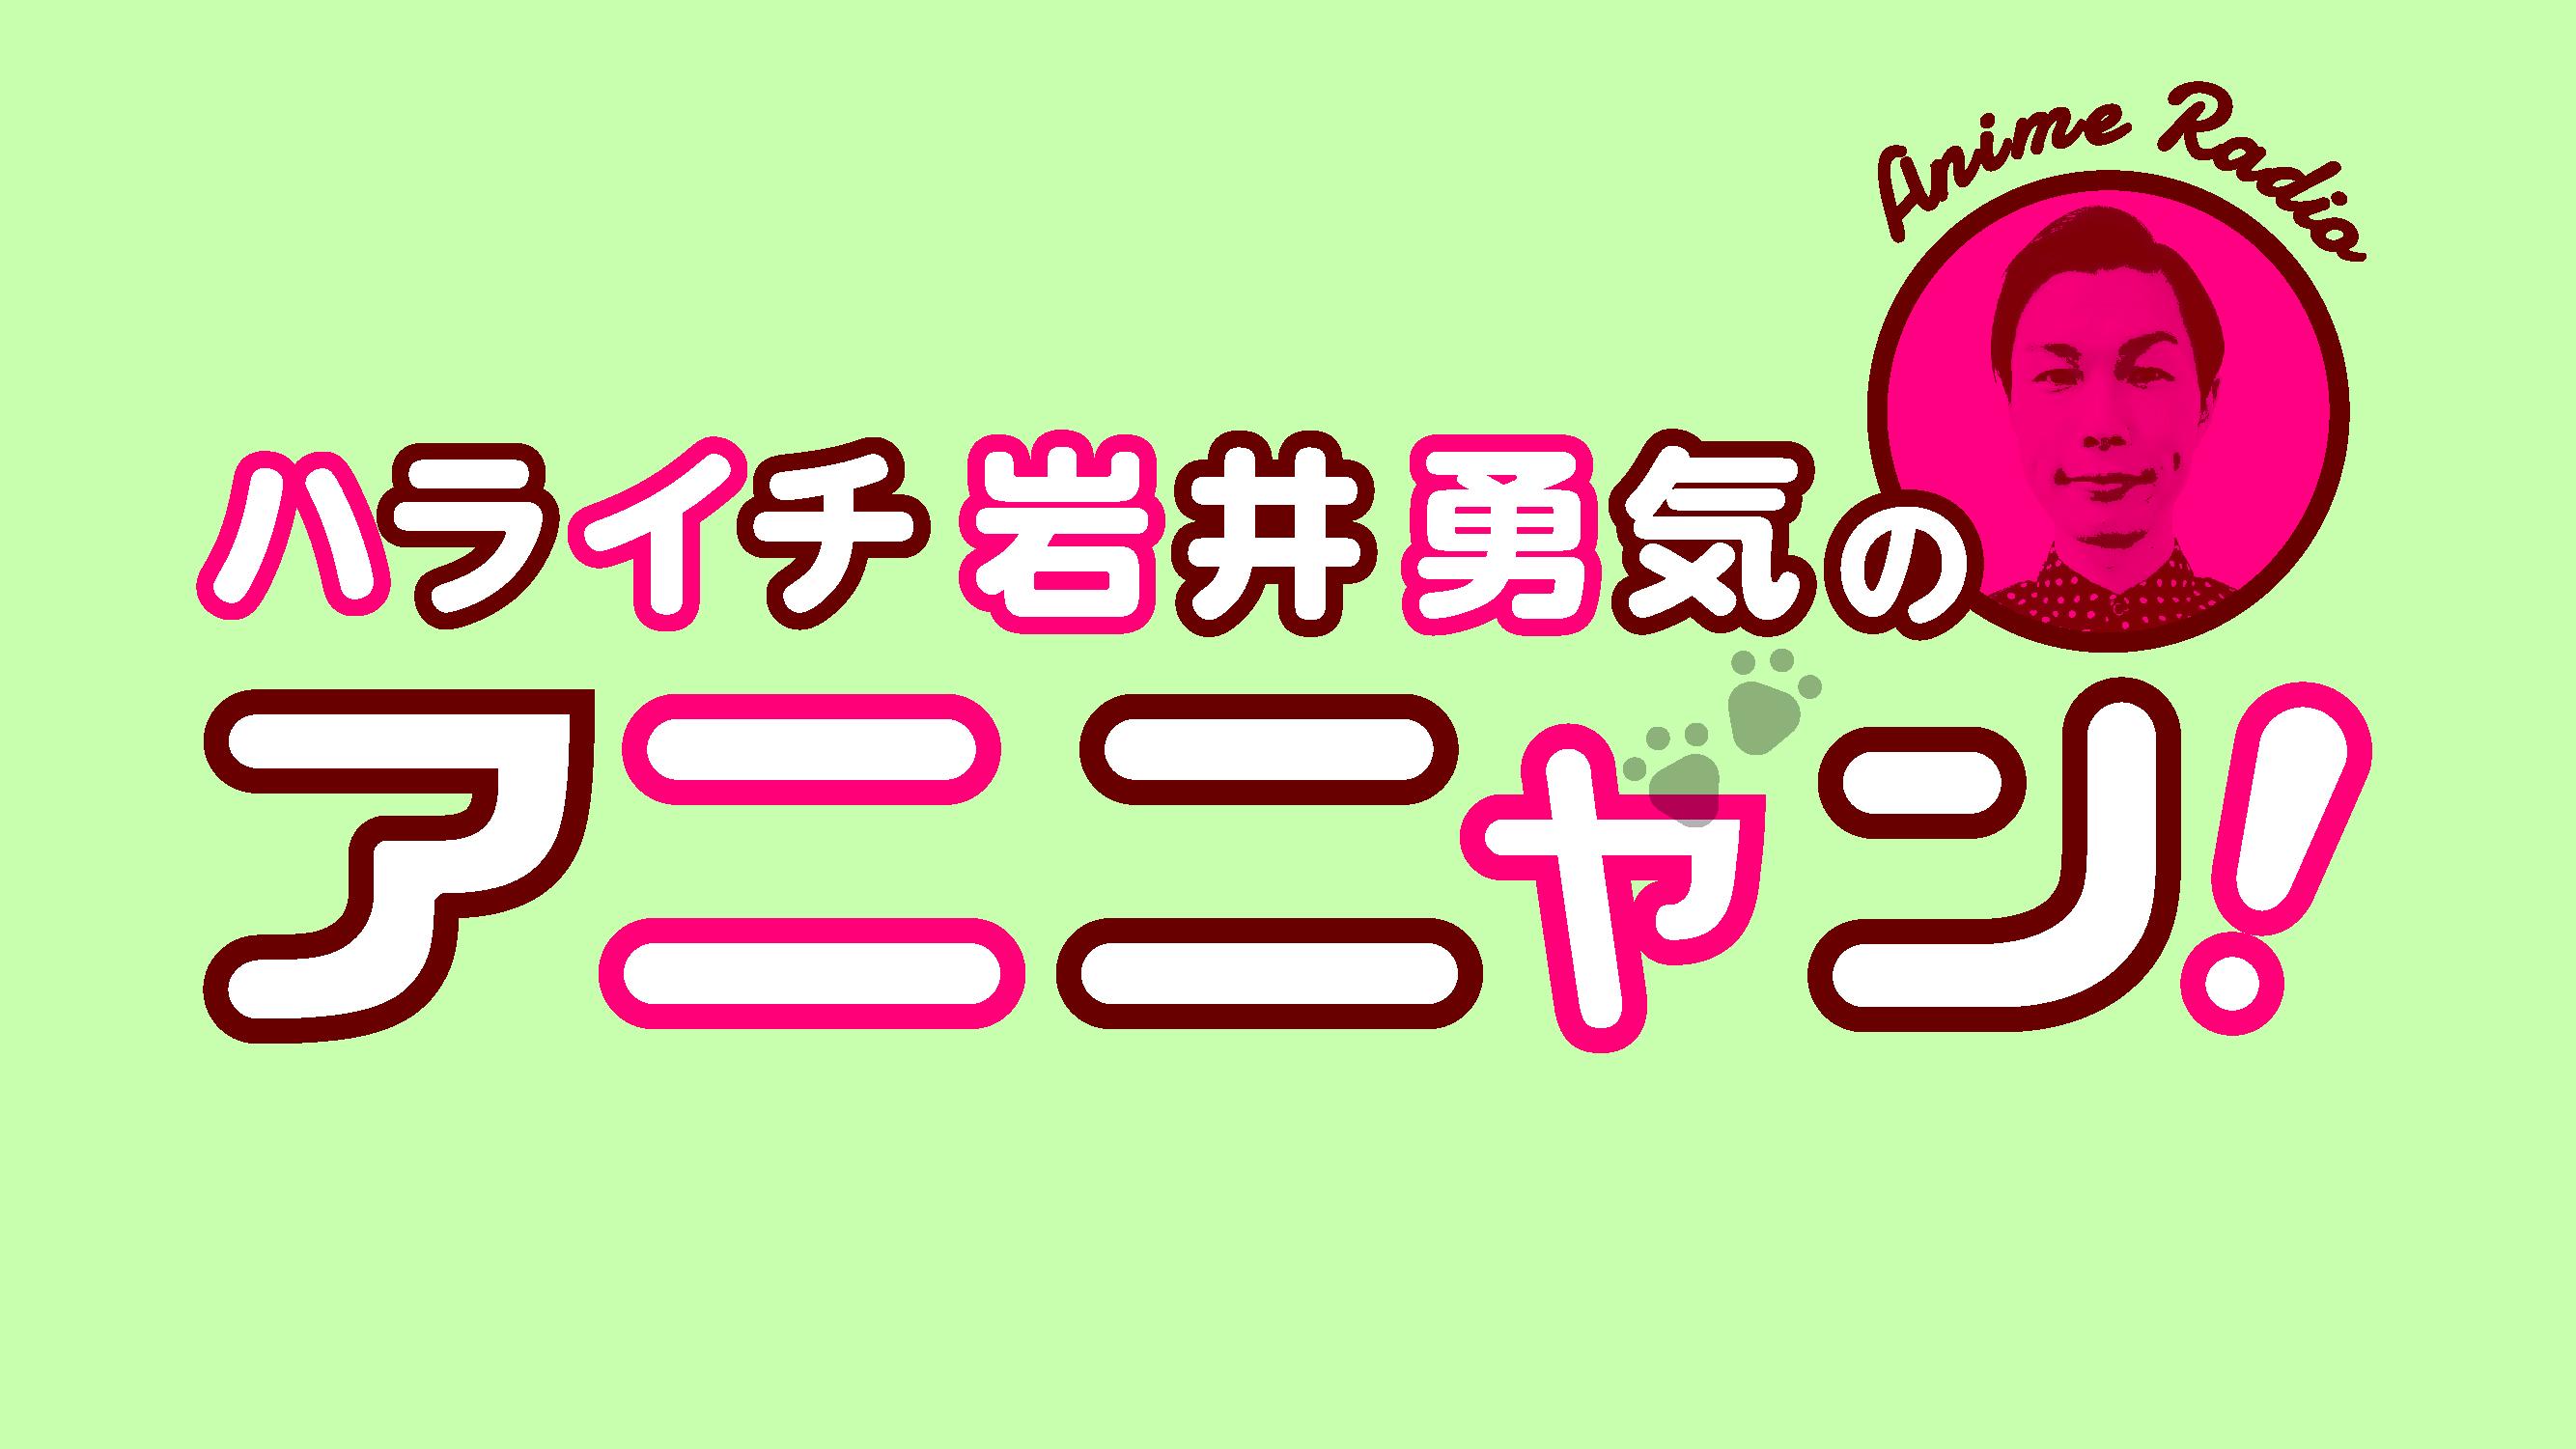 第6回アニ玉祭 特別公開収録「ハライチ岩井勇気のアニニャン!化け猫編」